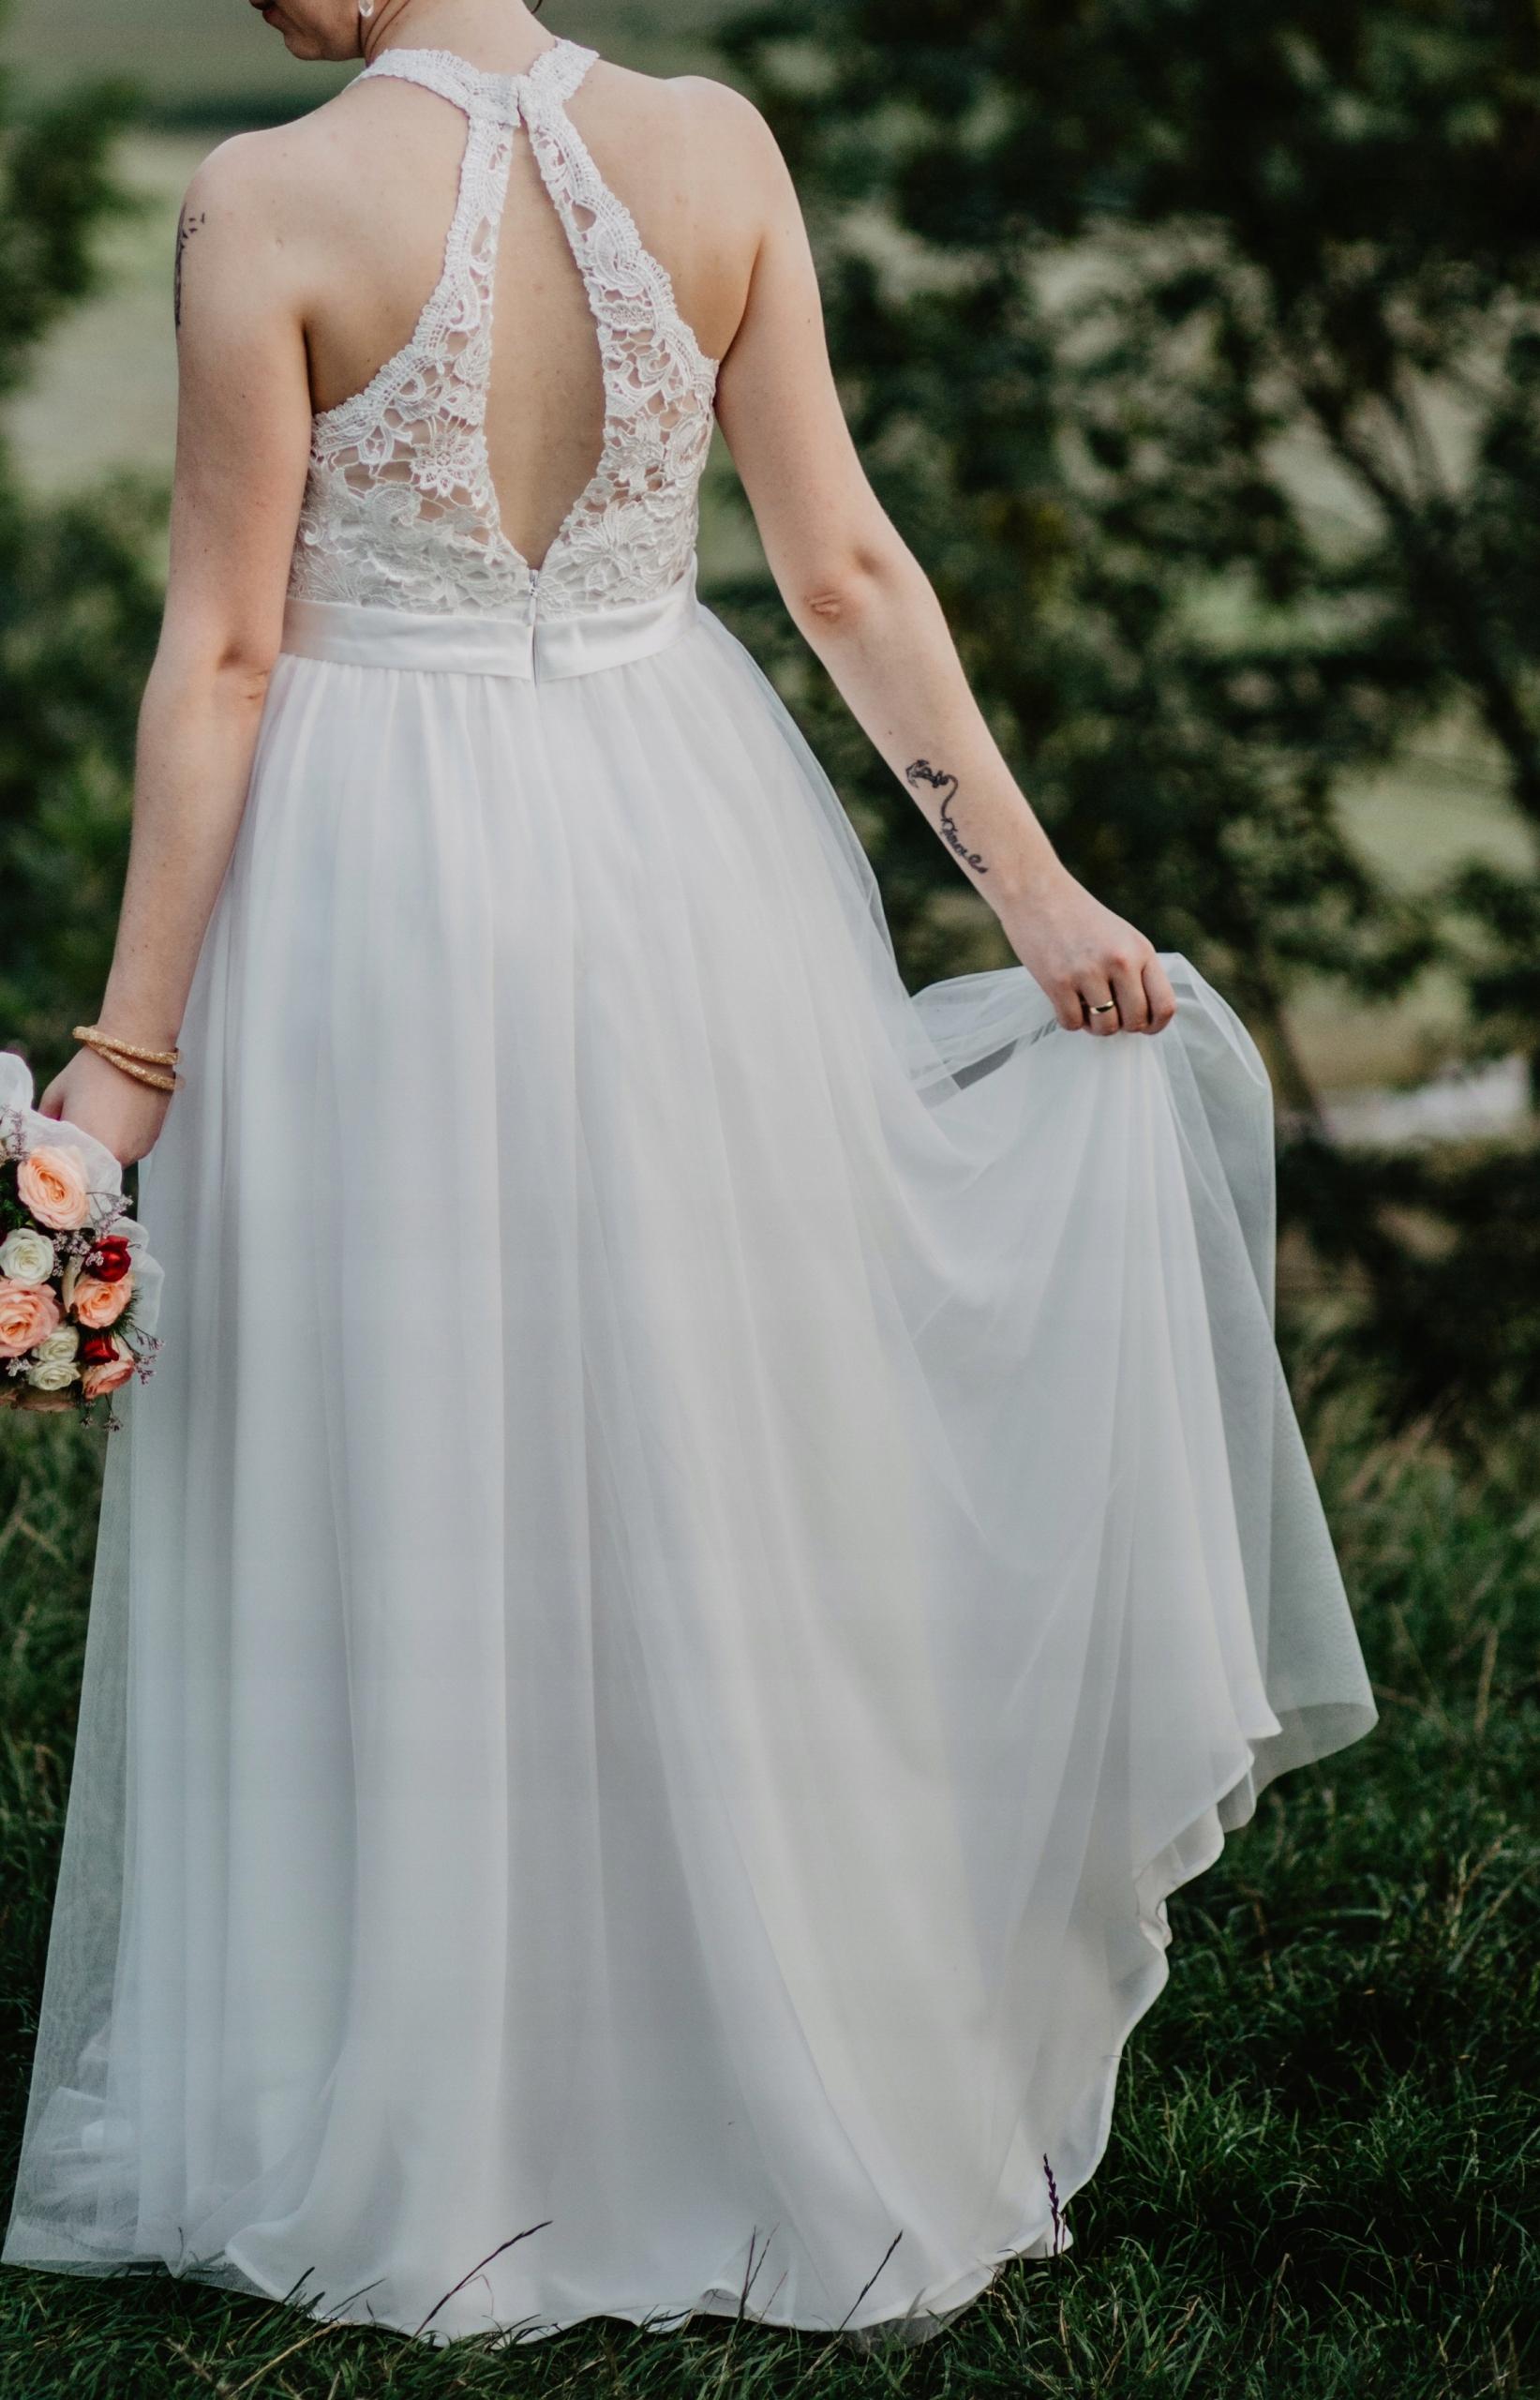 e12dcdb5ad Suknia ślubna Używana 7579425362 Oficjalne Archiwum Allegro